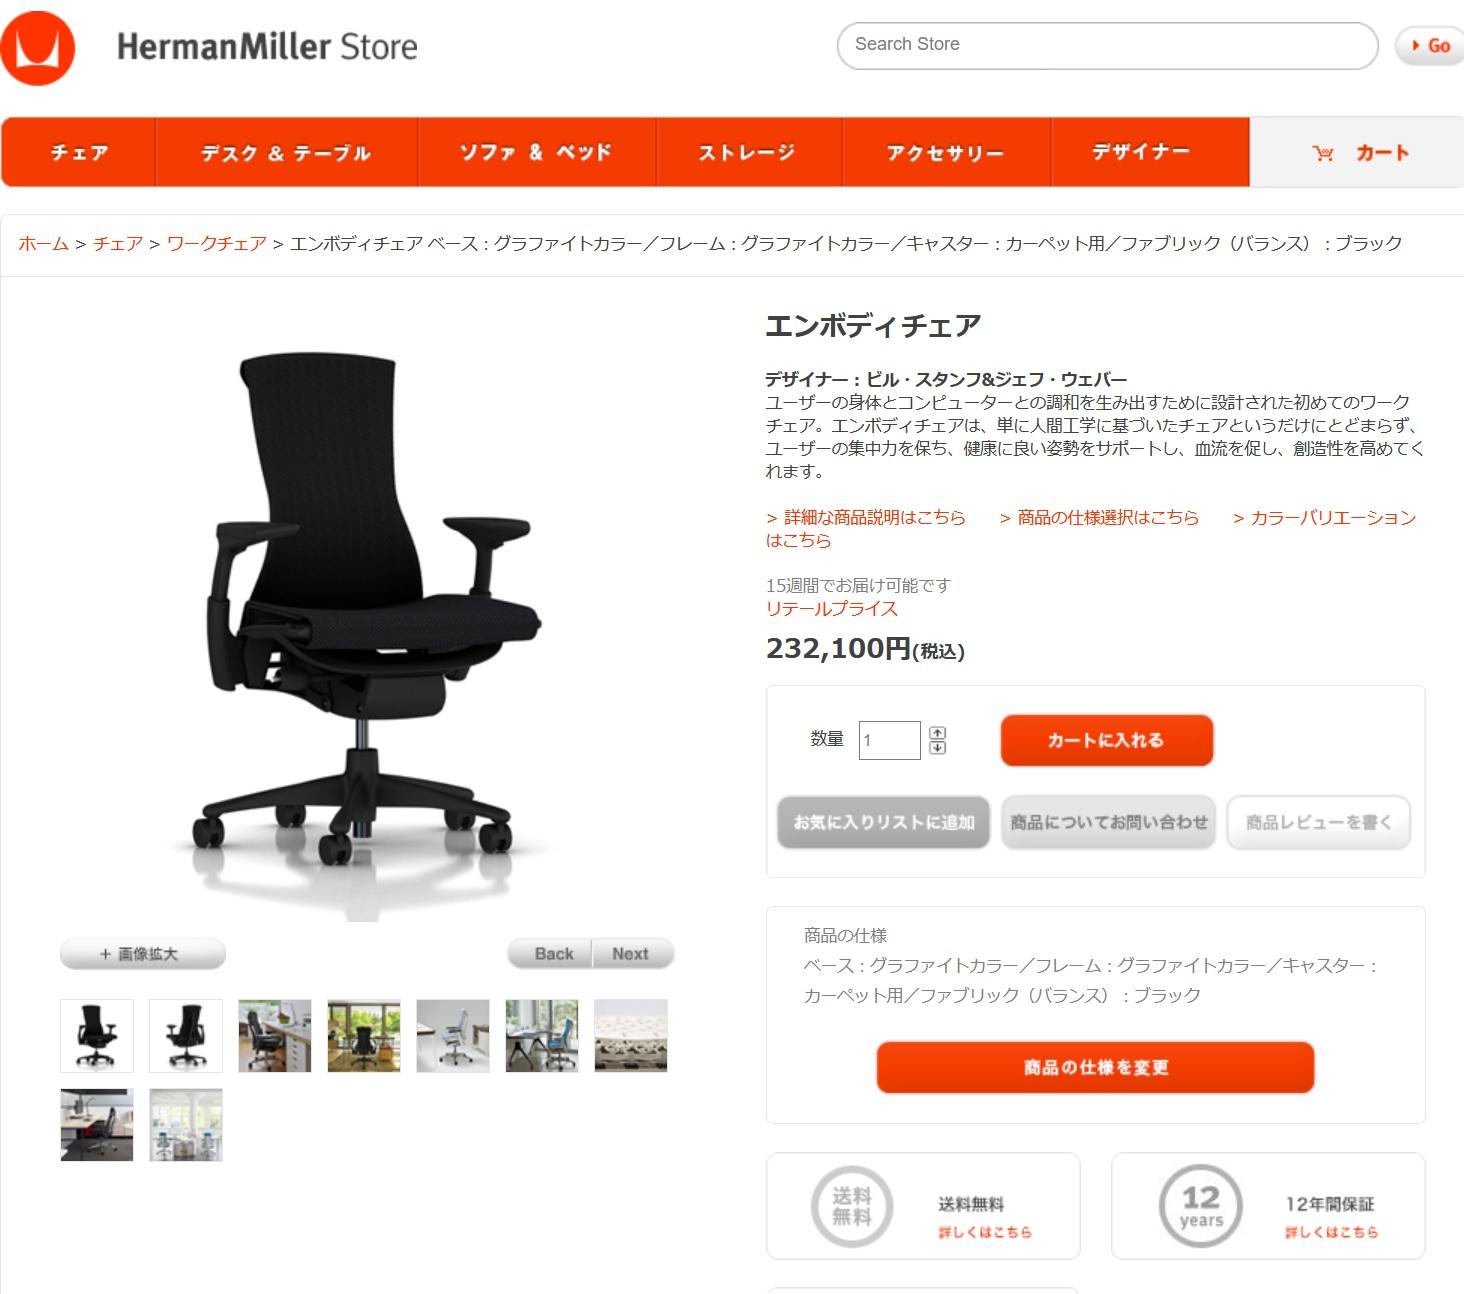 """25 - 【画像】アーロンチェアのハーマンミラーが開発した""""ゲーミングチェア""""がついに公開!!!!"""